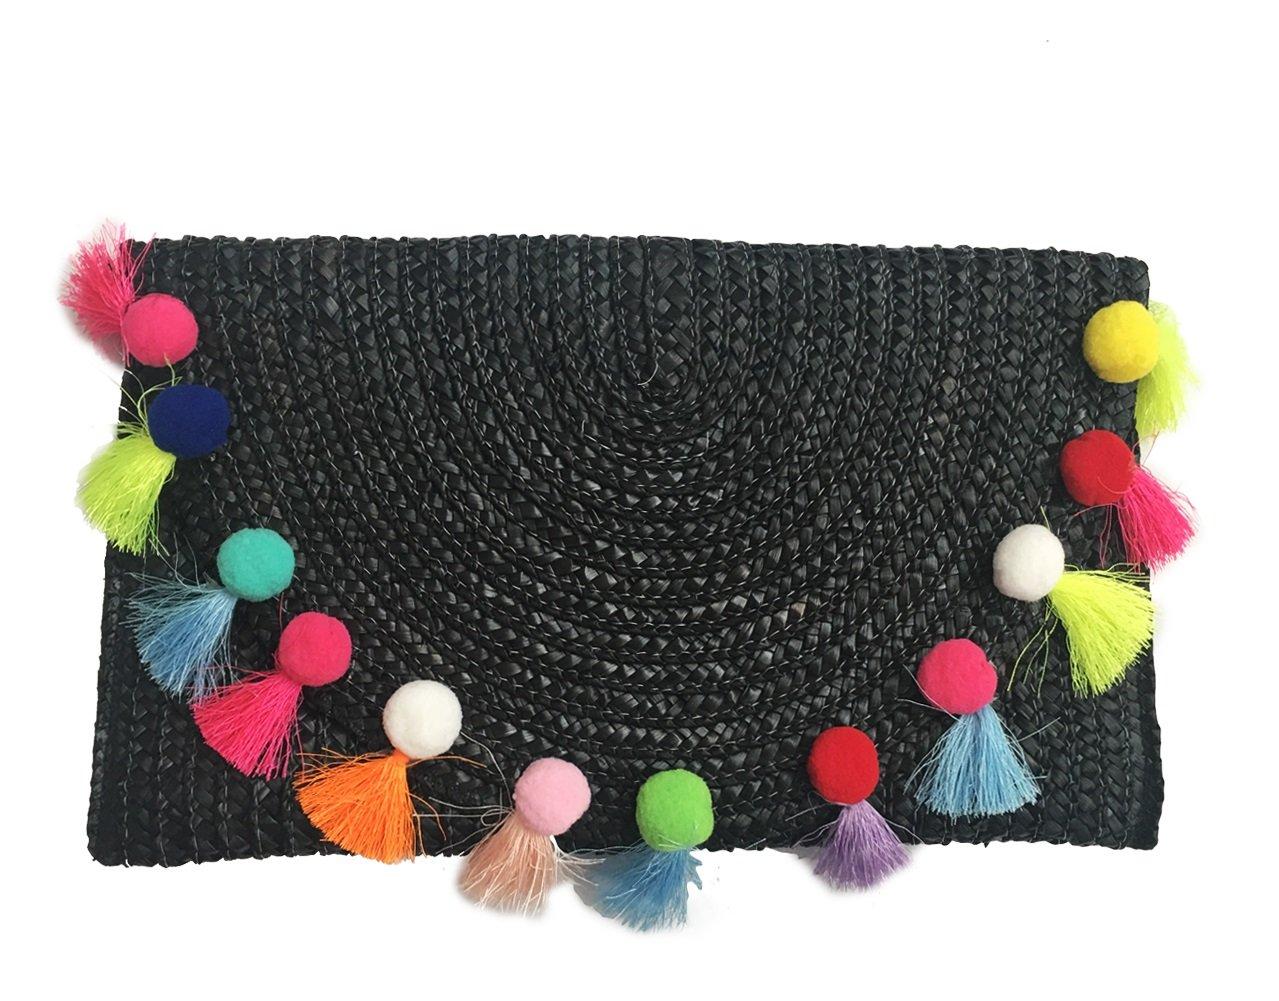 Straw Pom Pom and Tassel Clutch - Fashion Bag for Summer (Black-Multi)